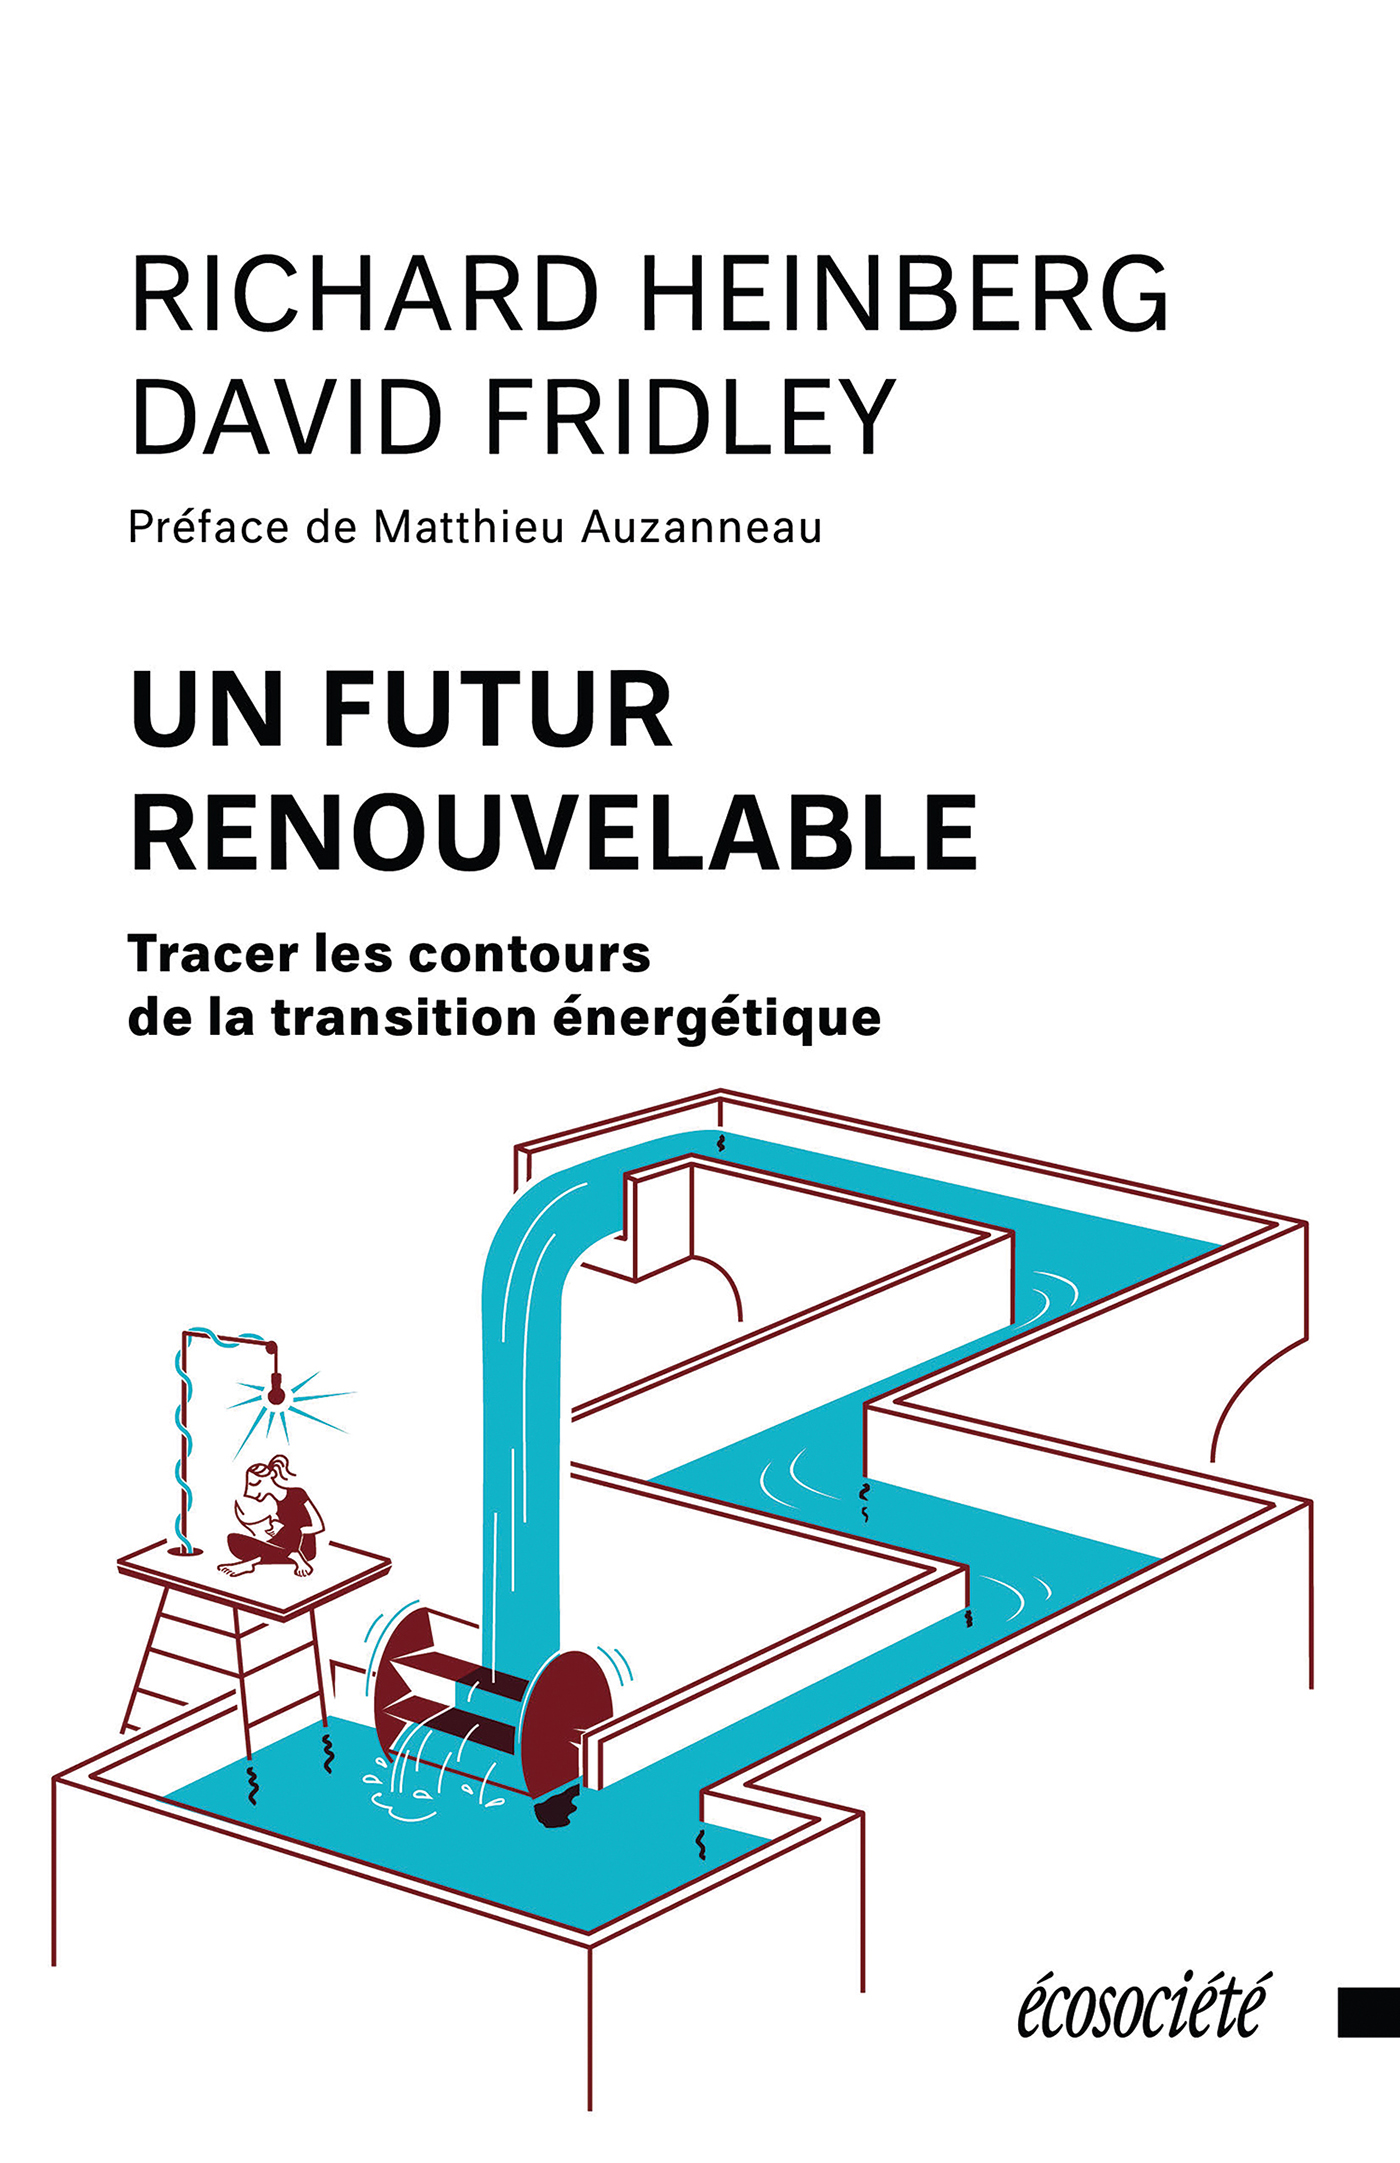 Couverture : Un futur renouvelable : tracer les contours de la transition... Richard Heinberg, David Fridley